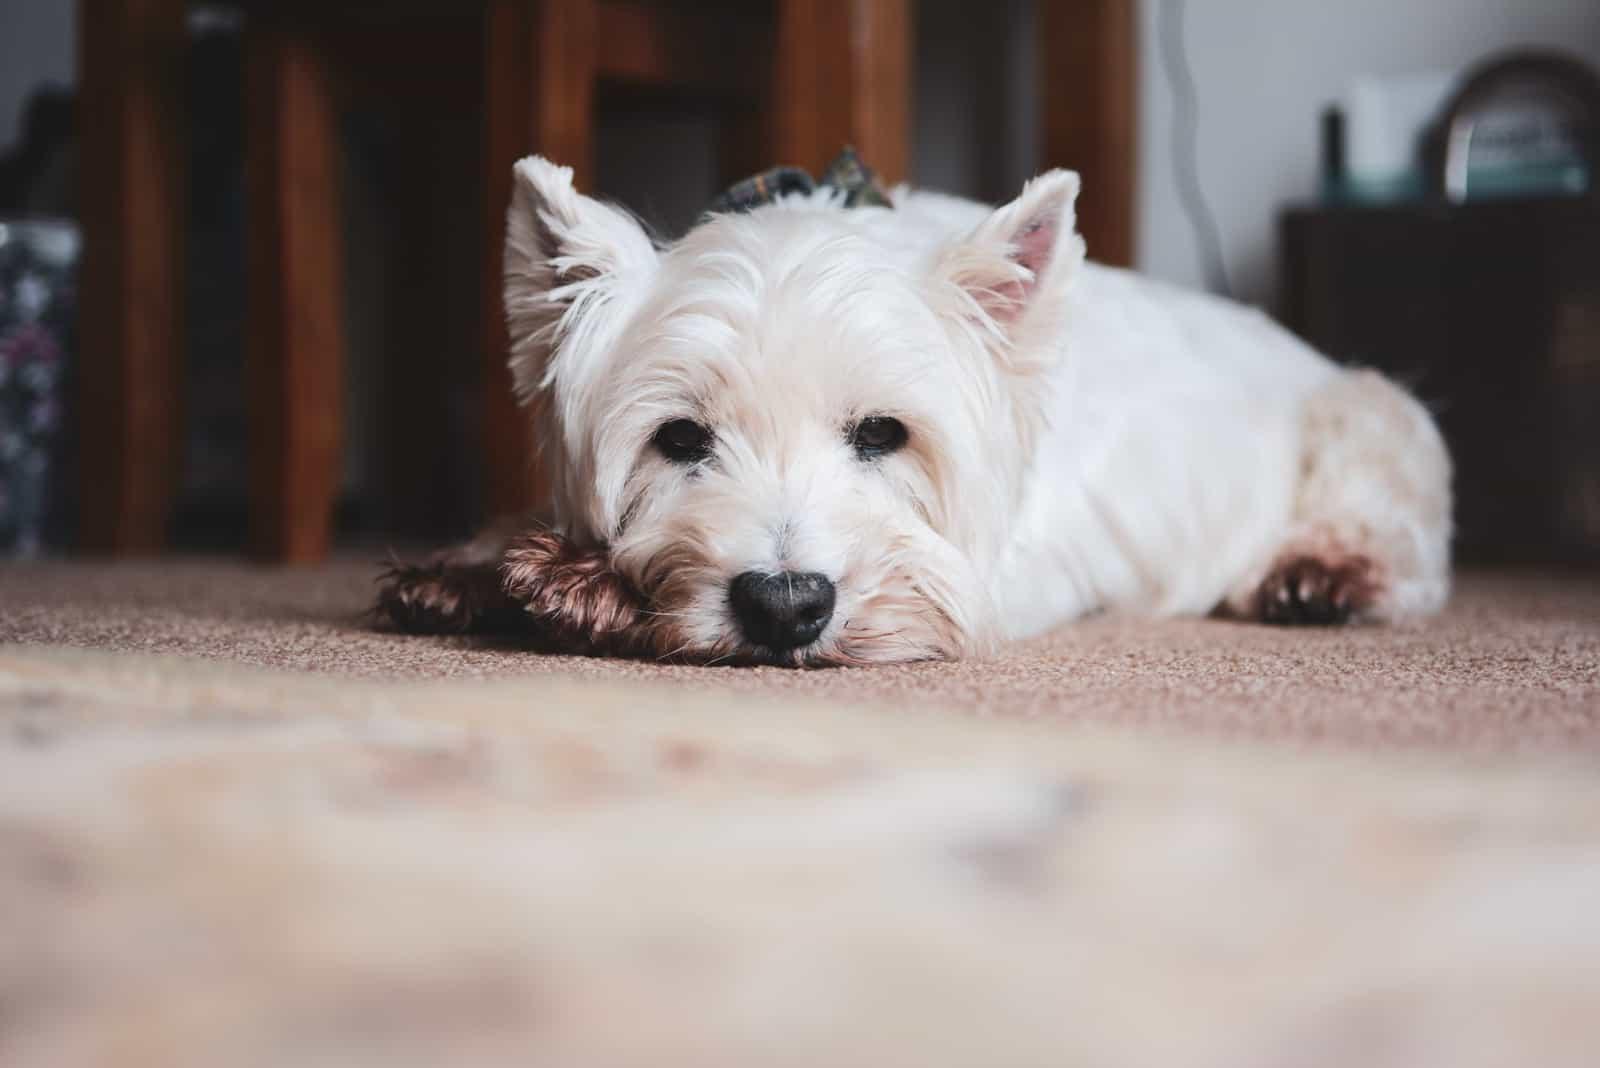 Hund ist müde und liegt auf dem Boden